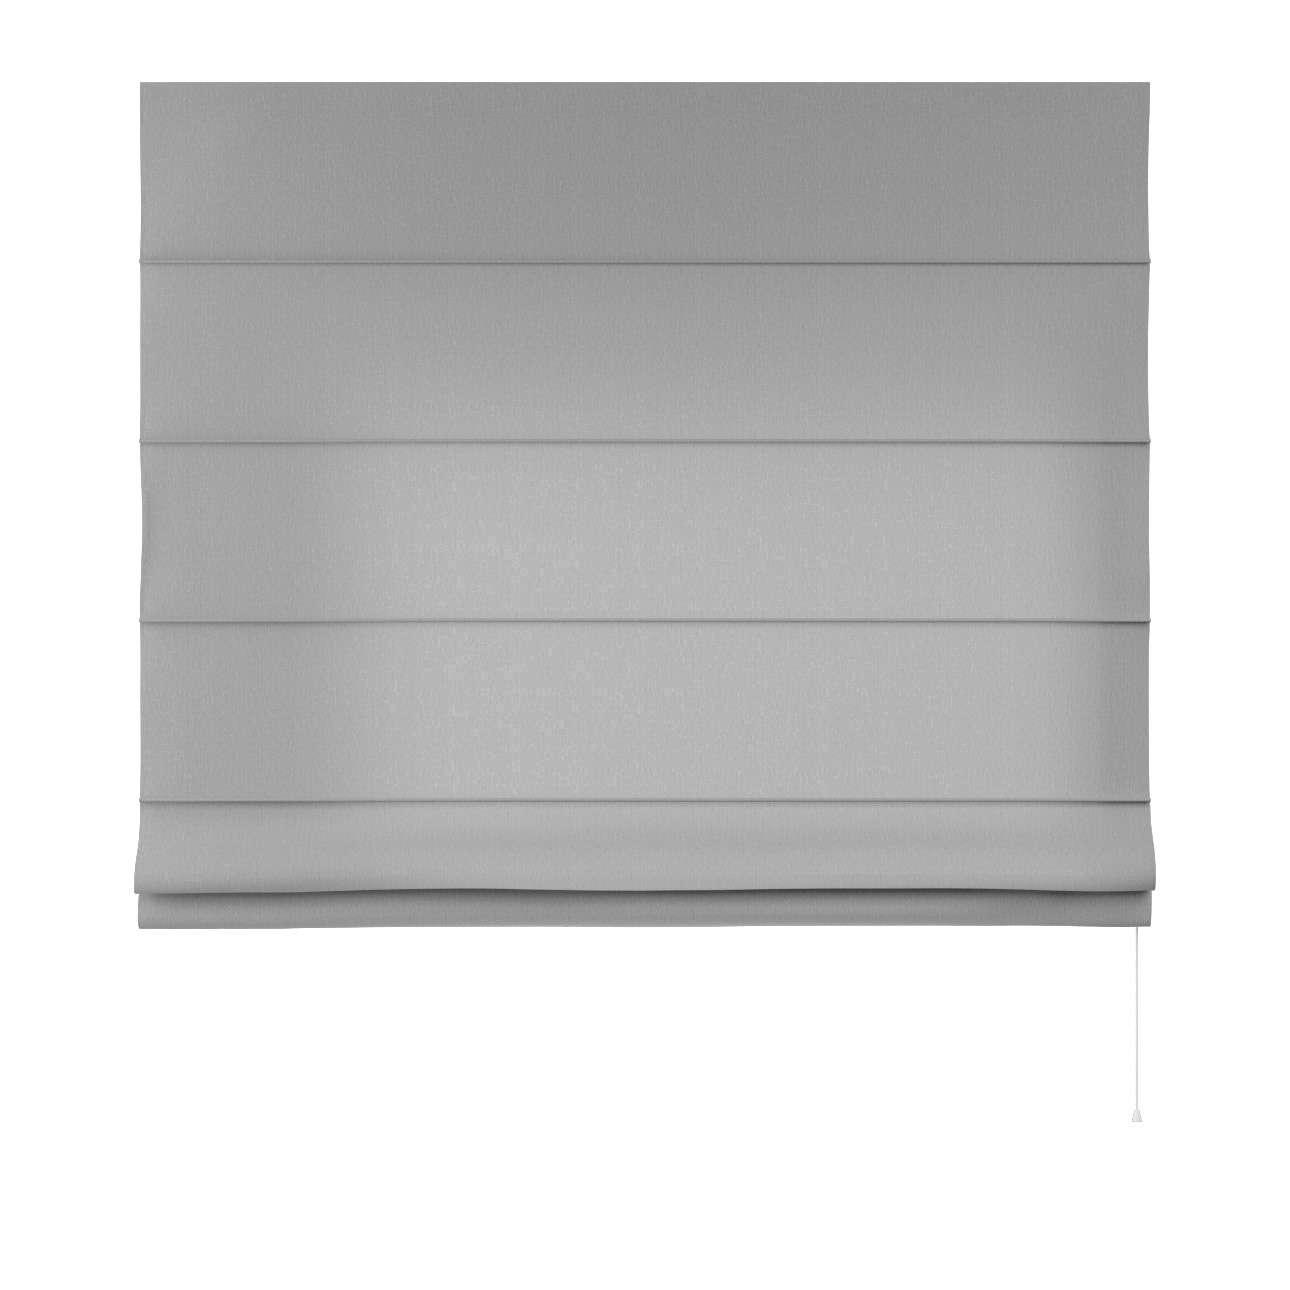 Capri roman blind 80 x 170 cm (31.5 x 67 inch) in collection Chenille, fabric: 702-23